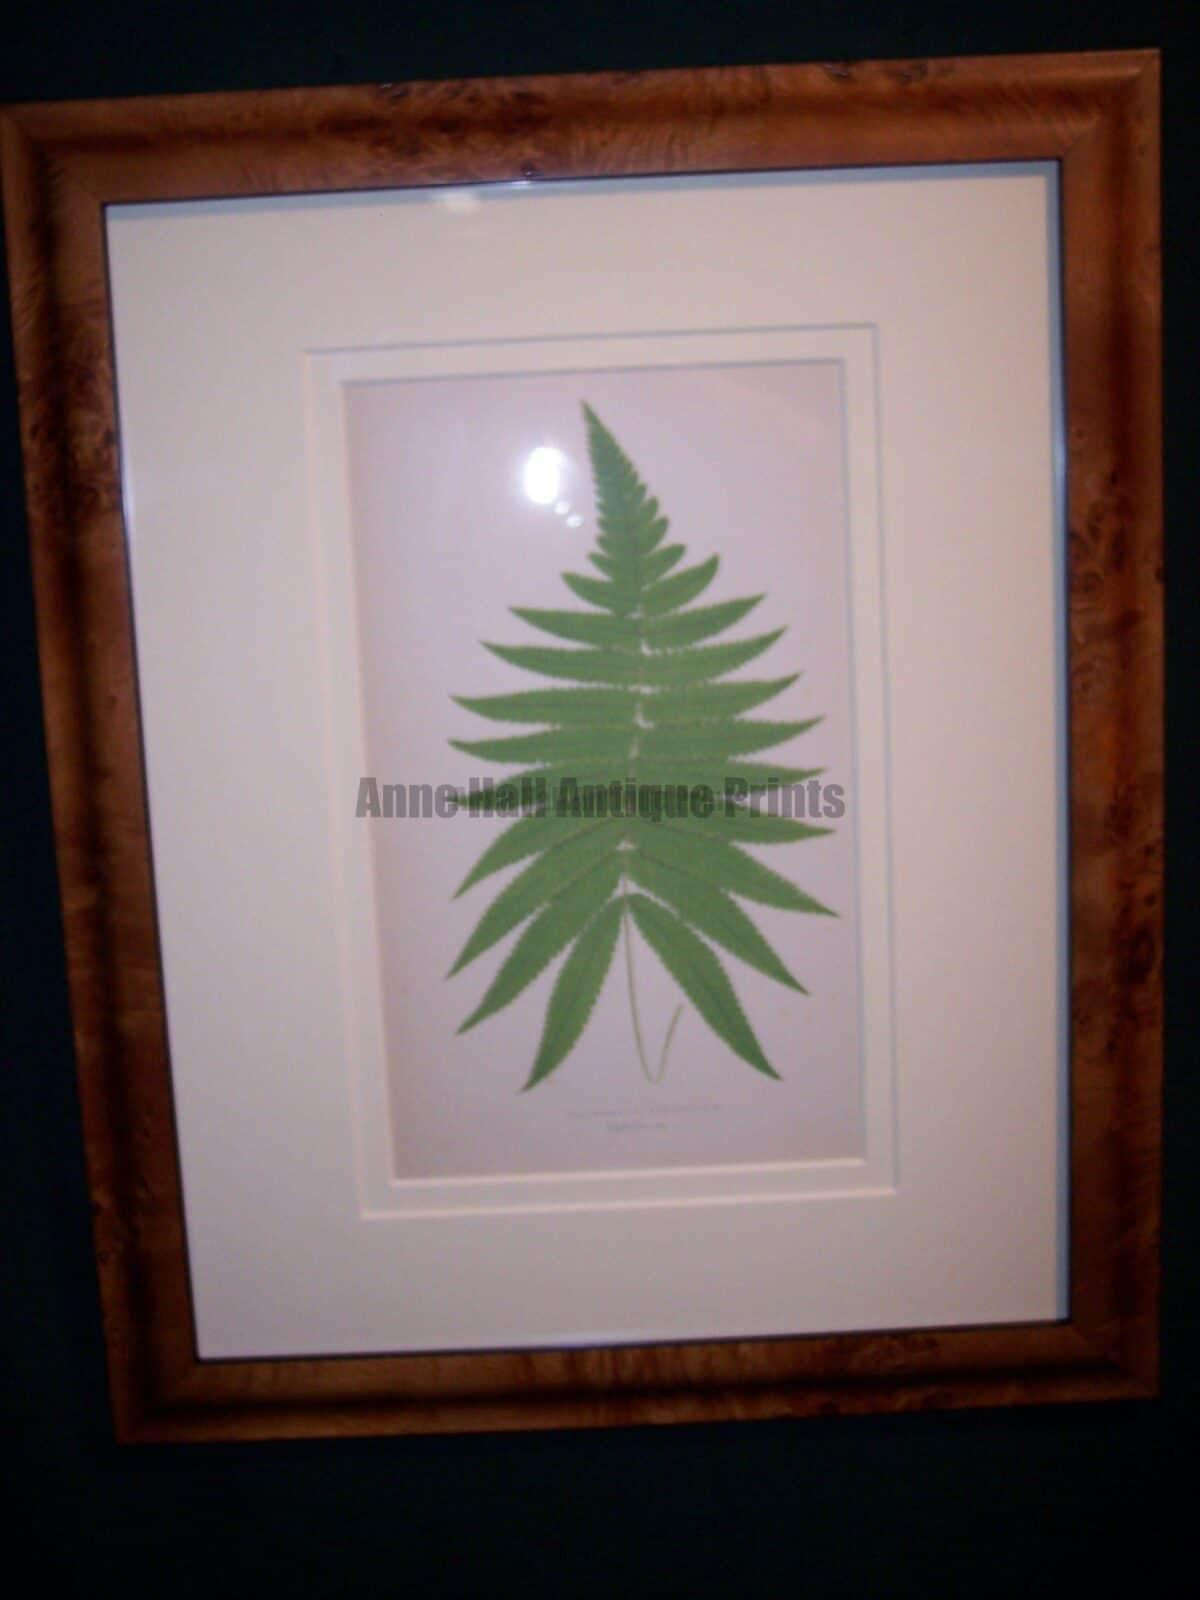 decorative framed ferns, antique lithographs